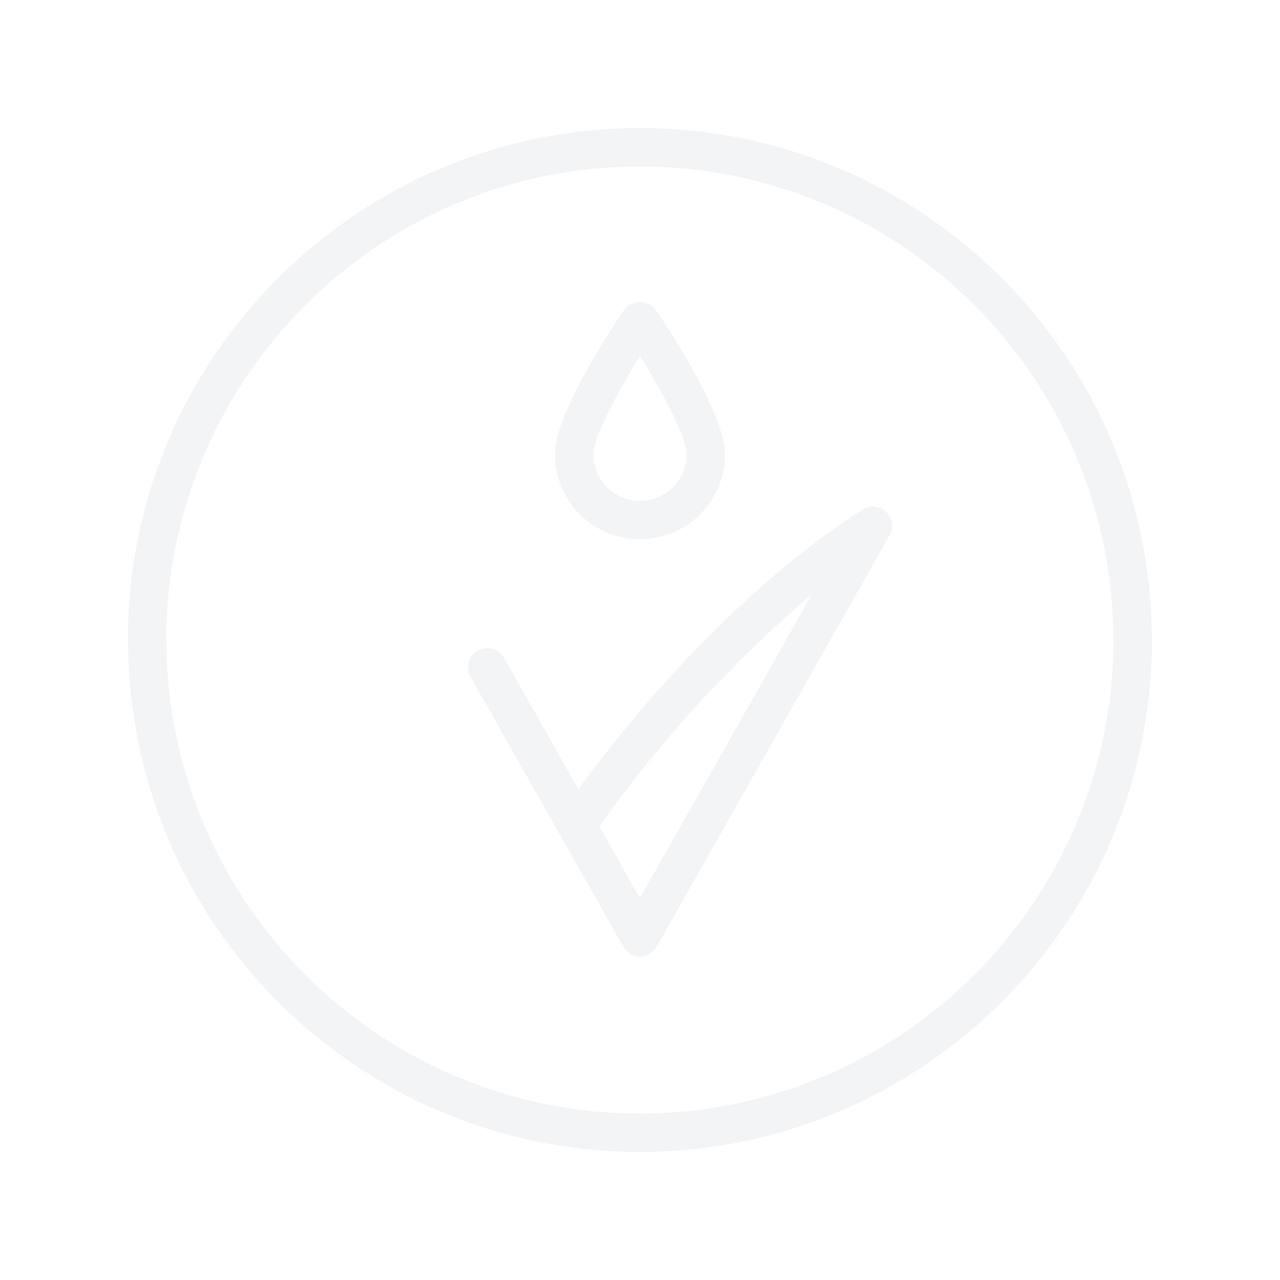 Dior Homme Sport 2012 EDT 50ml